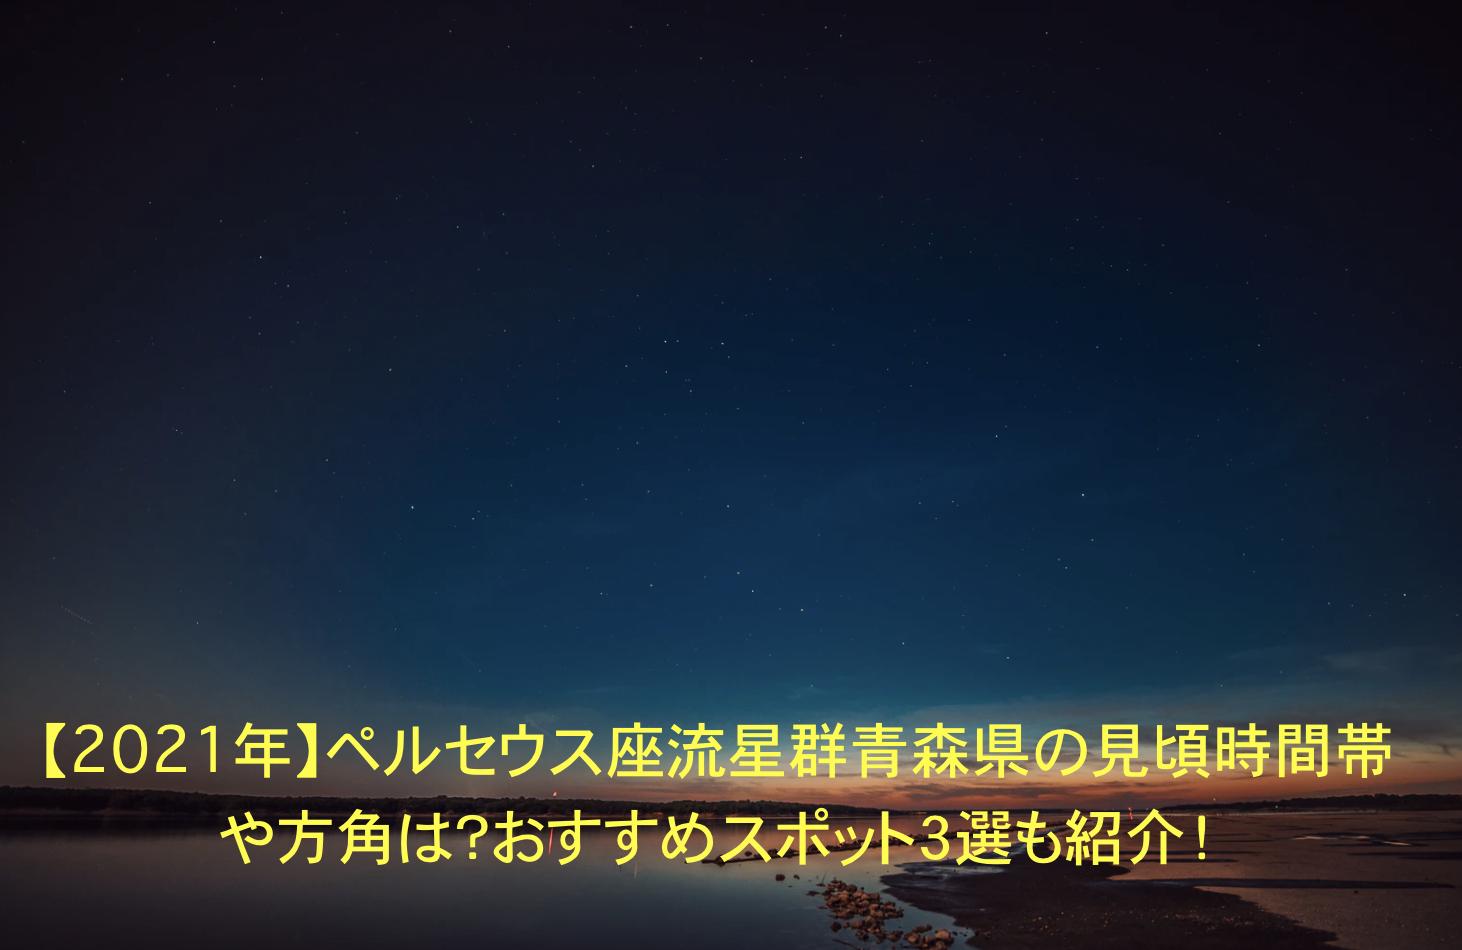 ペルセウス座流星群 青森 見頃 時間帯 方角 オススメスポット